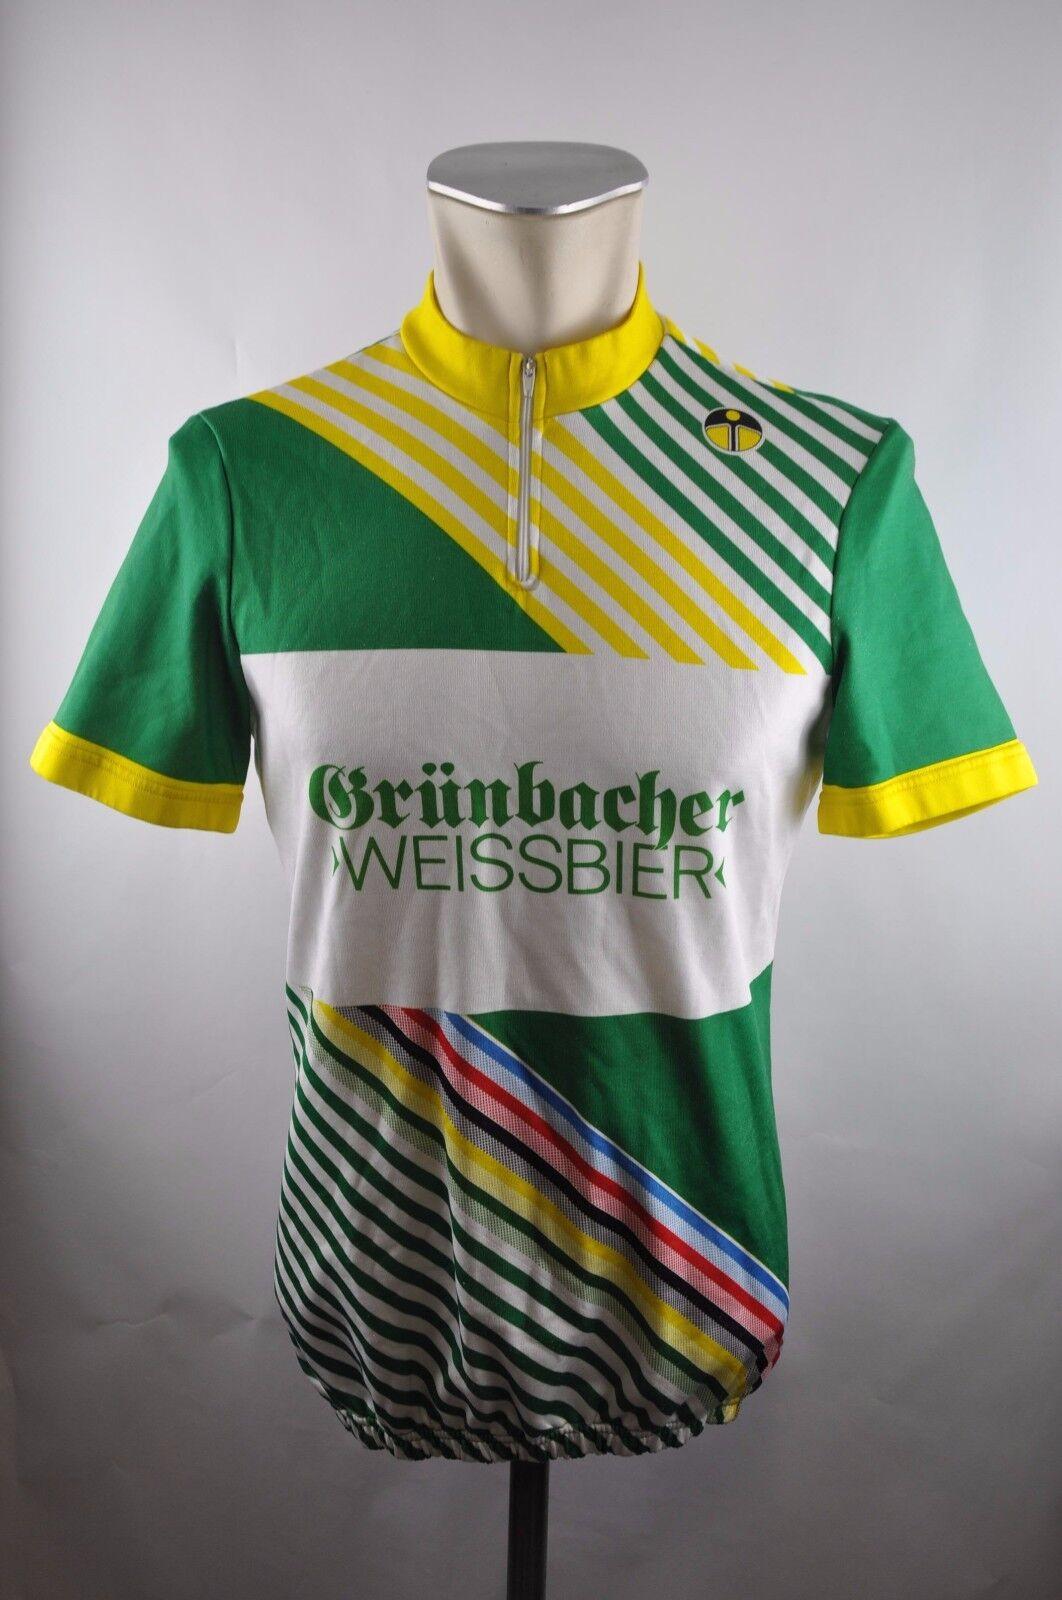 Grünbacher WEISSBIER giessegi vintage cycling jersey Bike Rad Trikot Gr. 5 51 U5 | Stabile Qualität